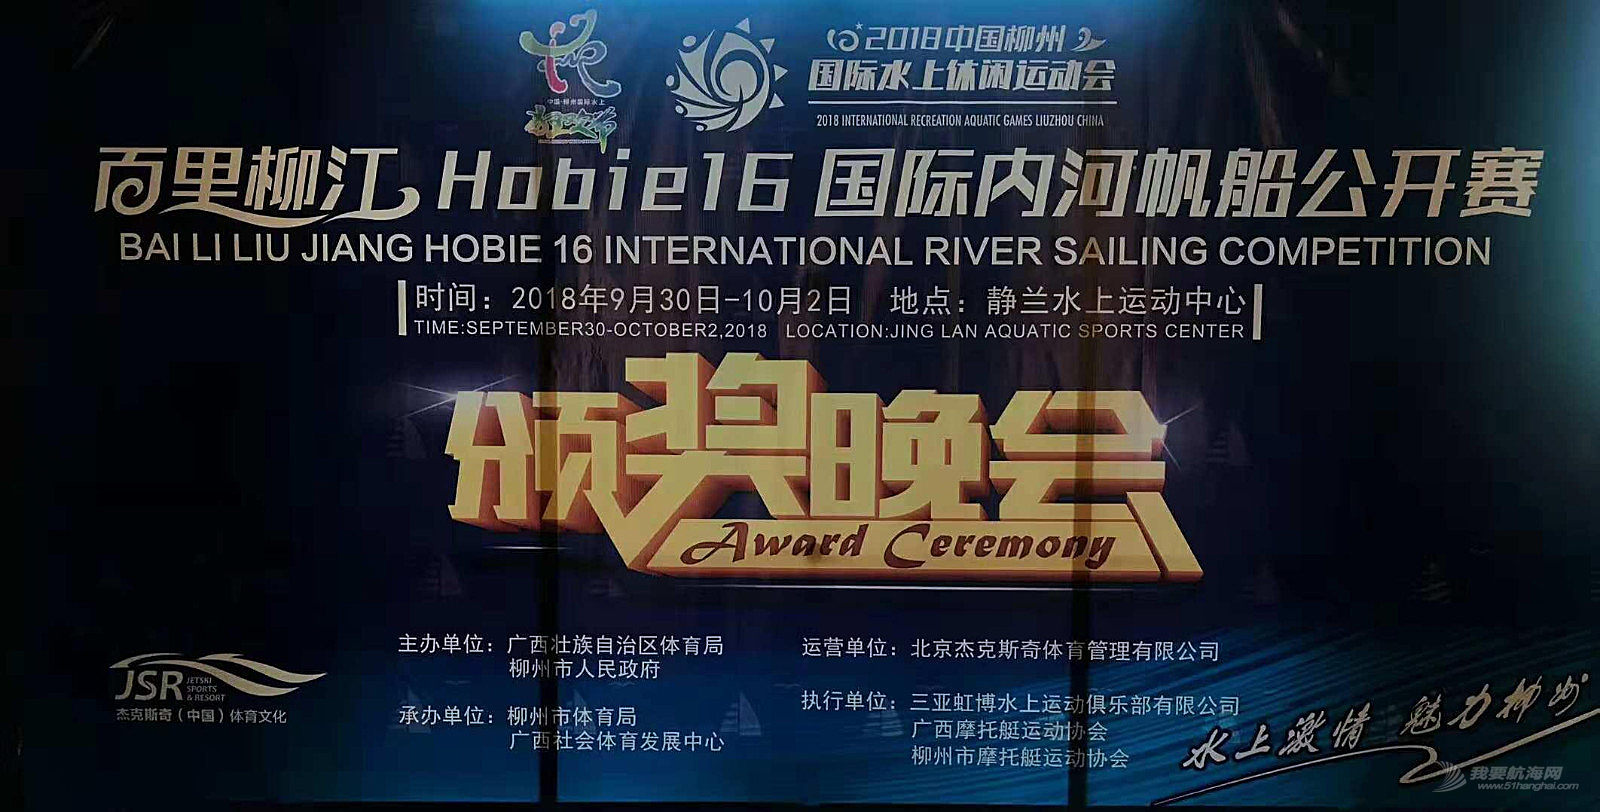 一水环城,千峰野立,广西国庆节舞炫Hobie16